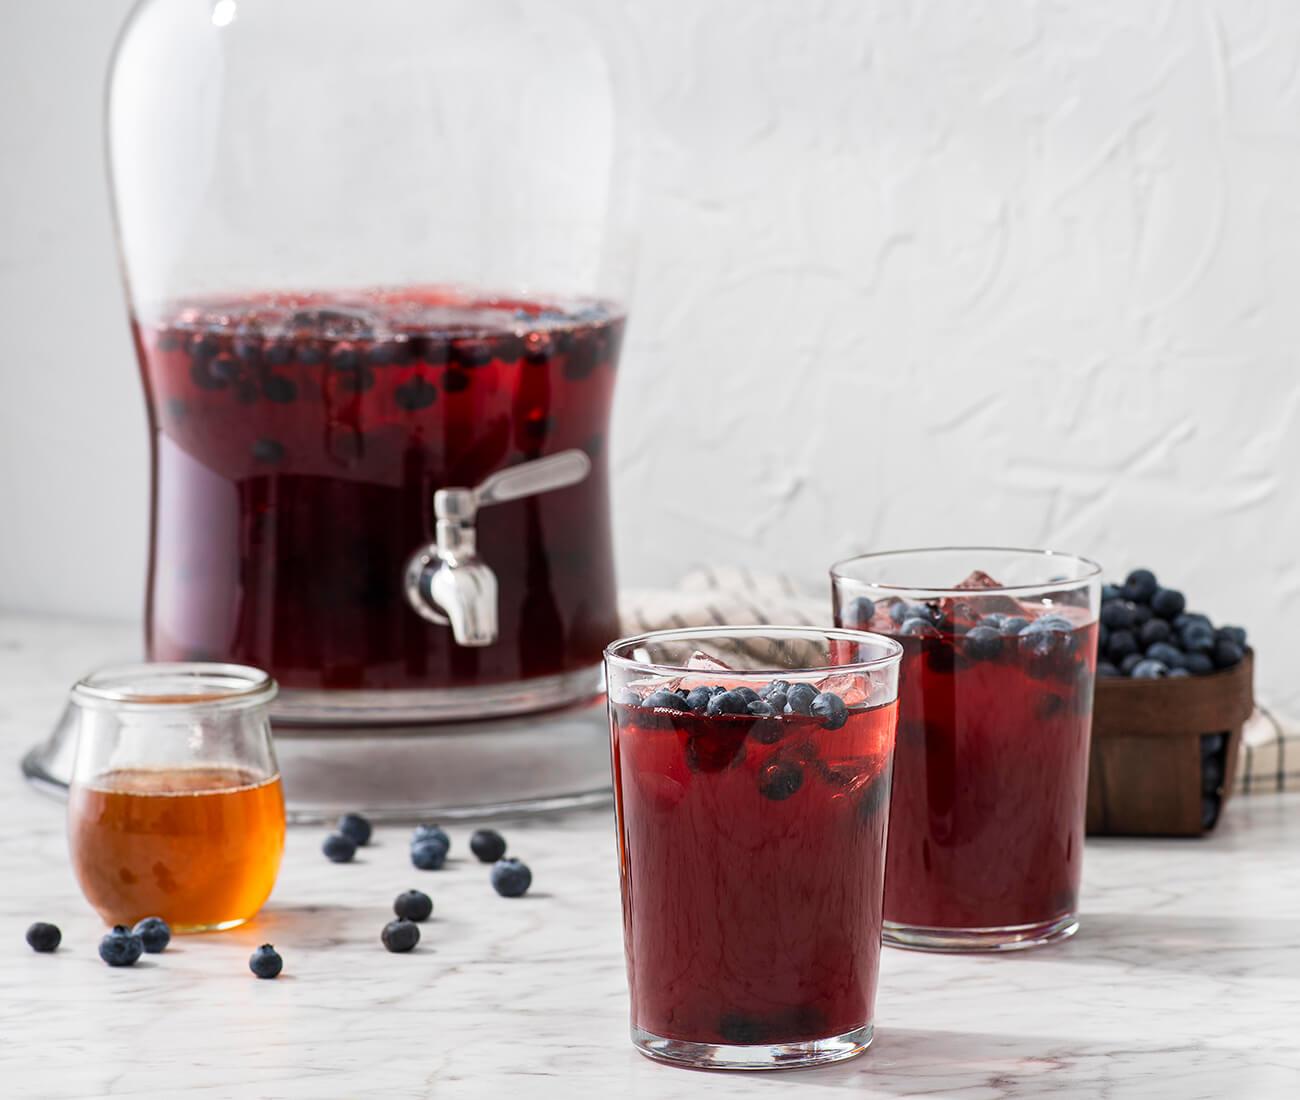 Image for Blueberry Honey Tea